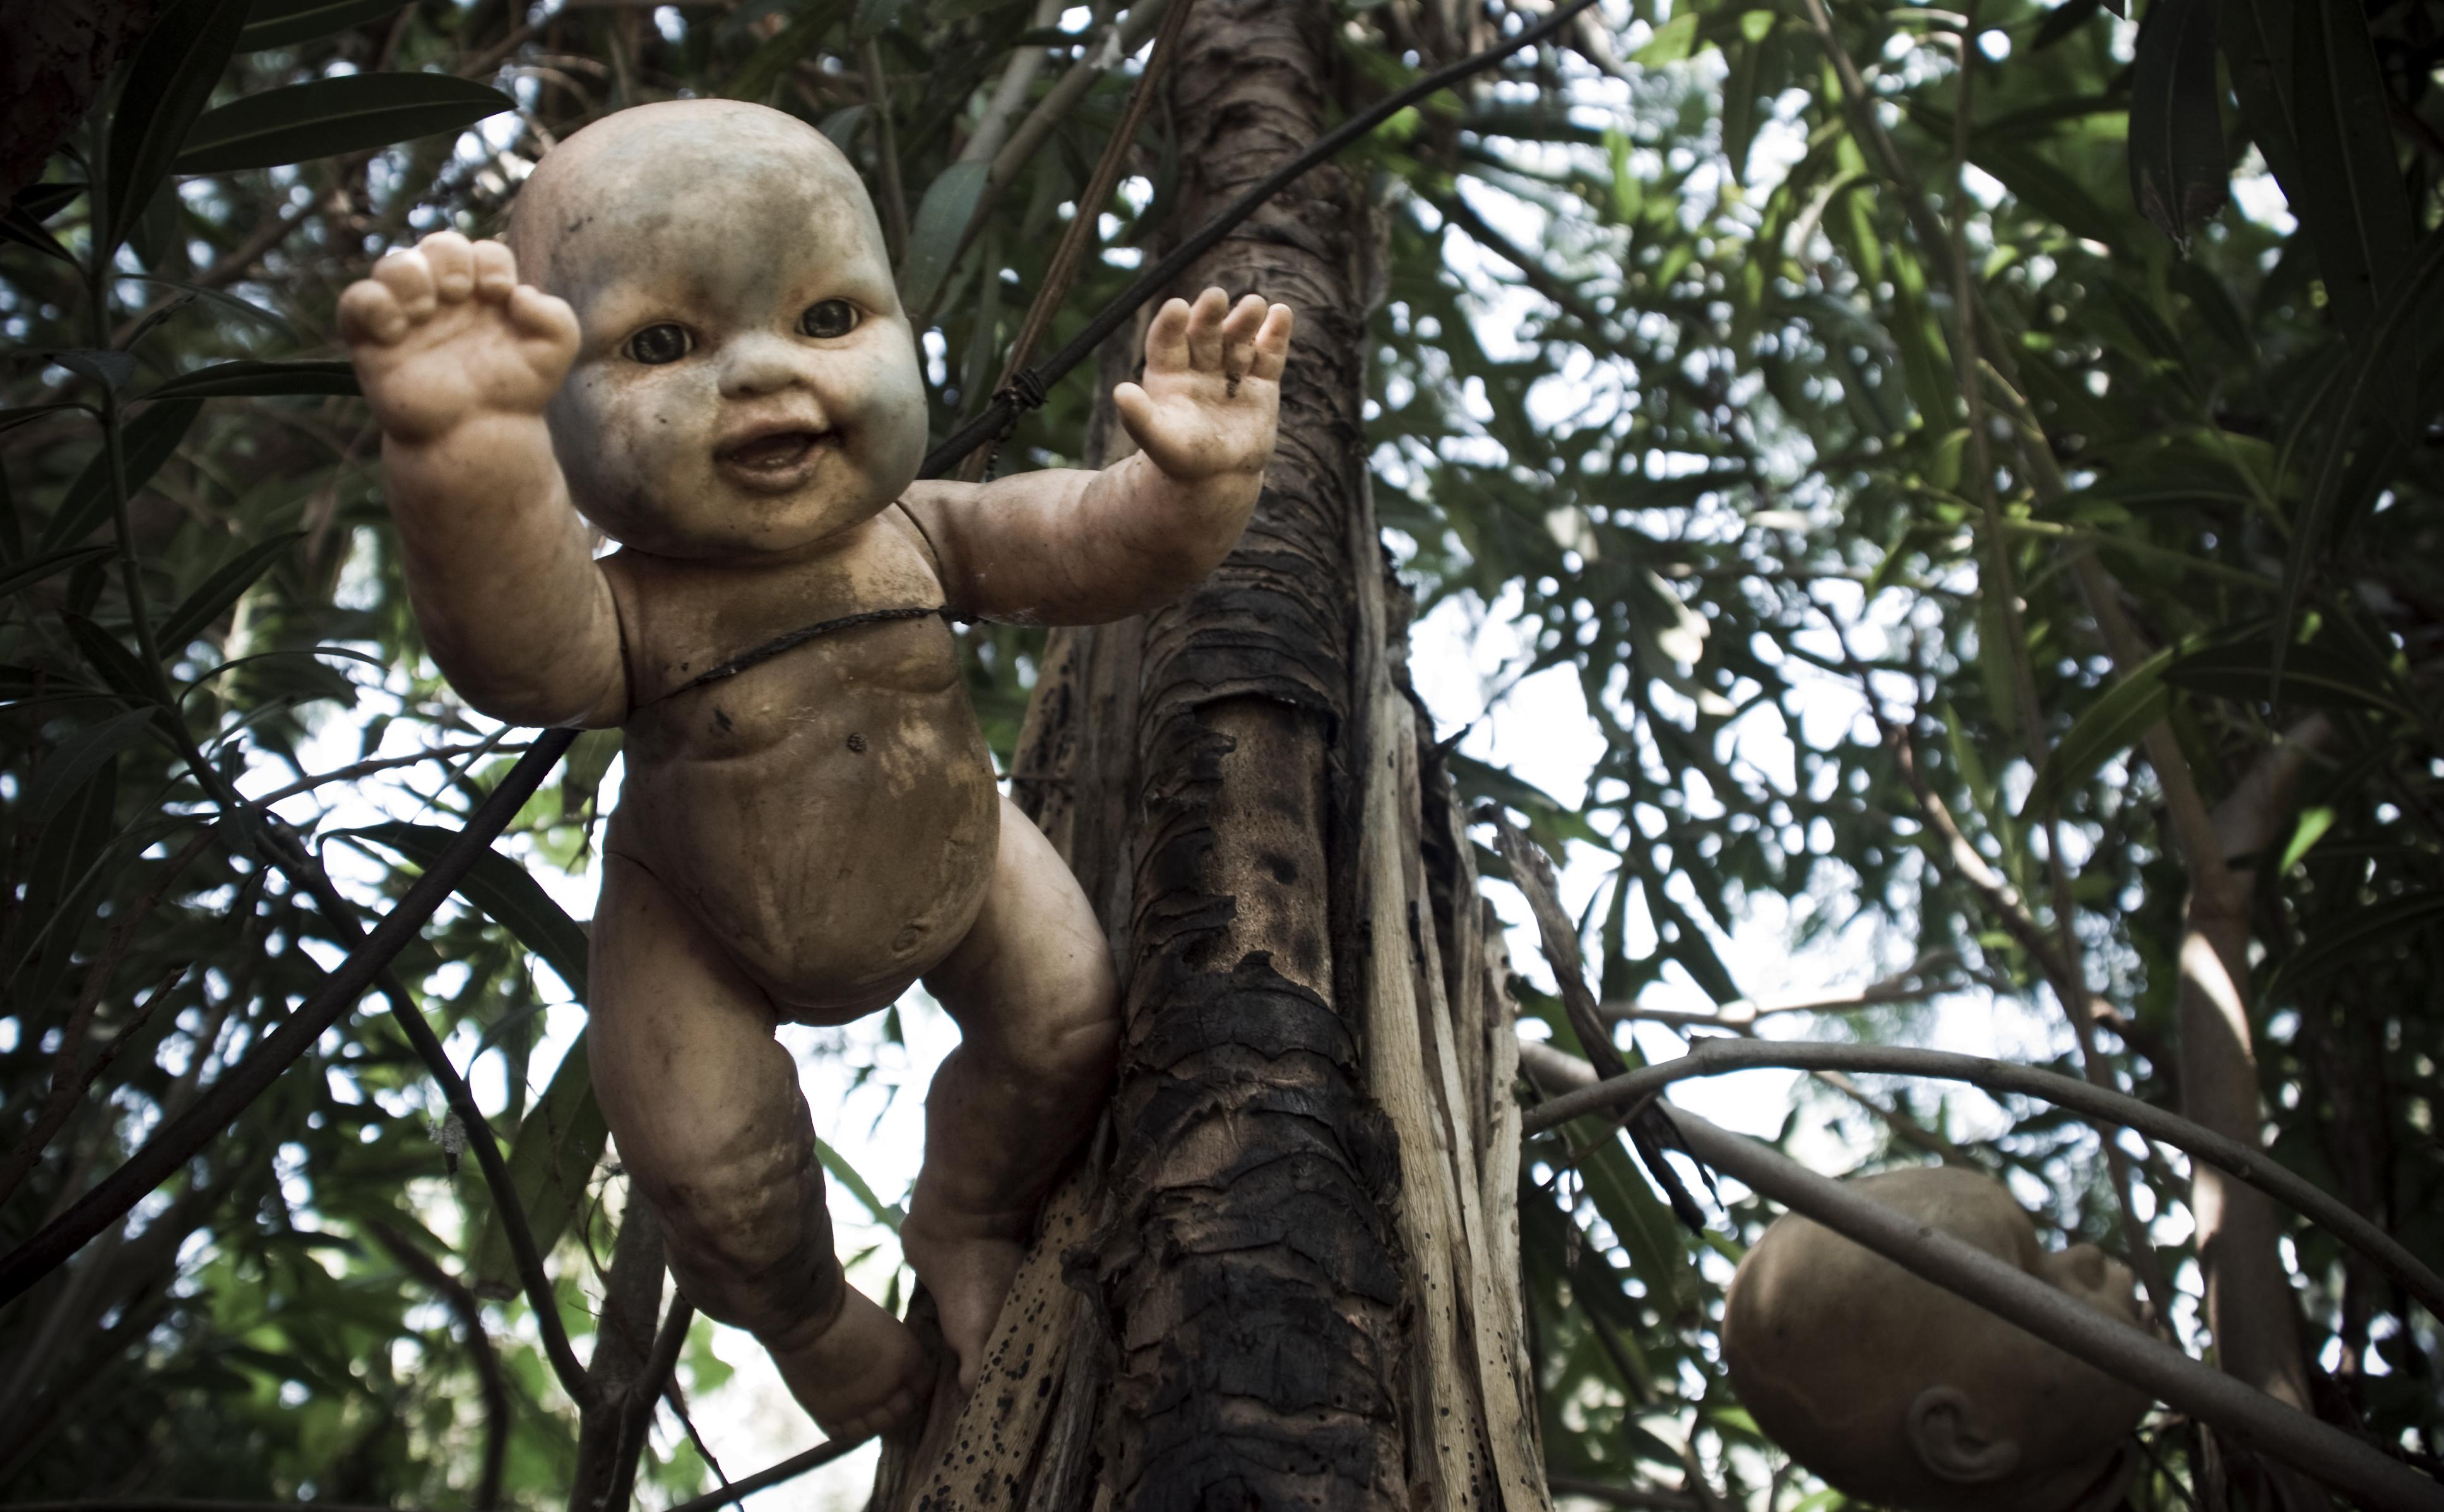 La isla de las muñecas  Xochimilco_(isla_de_las_mu%C3%B1ecas)